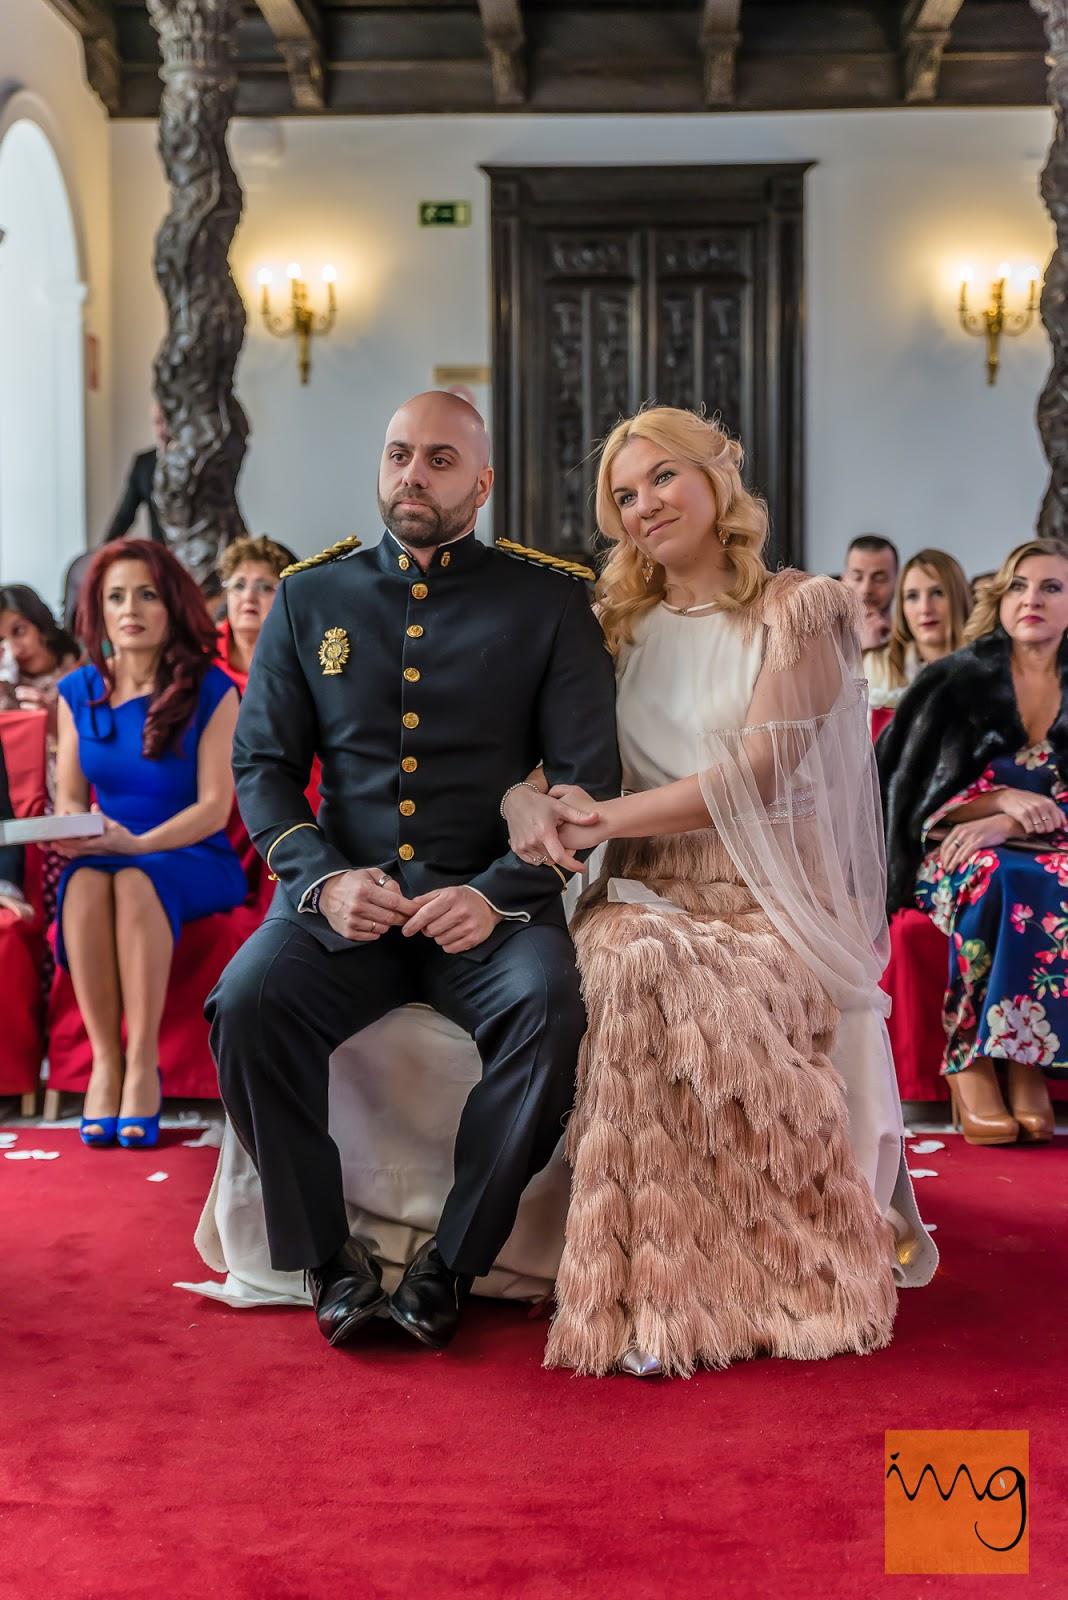 Fotografía de boda. Novios en la ceremonia.